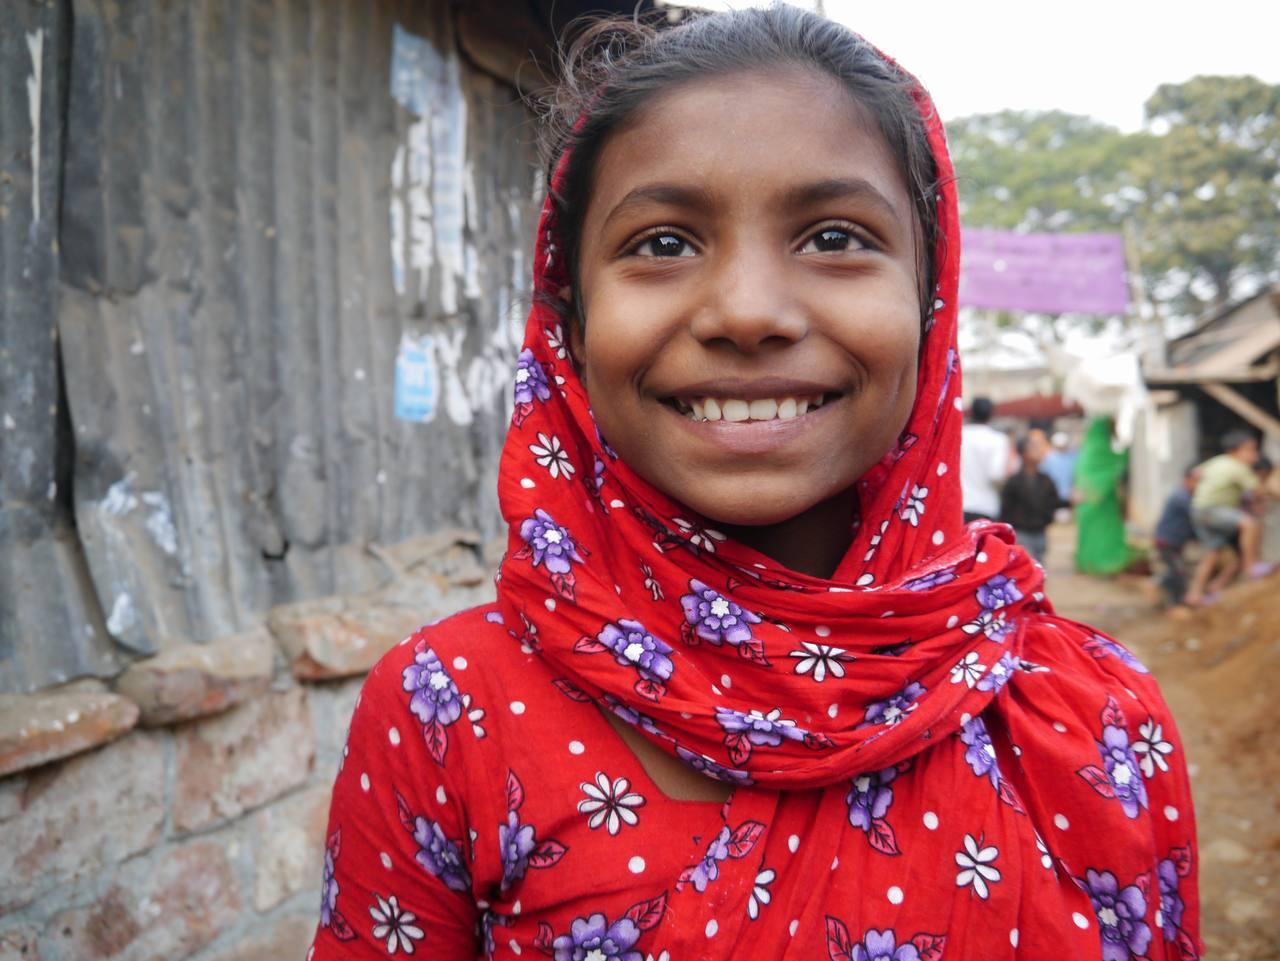 [バングラデシュで家事使用人として働く女の子に子どもらしい時間を!]の画像